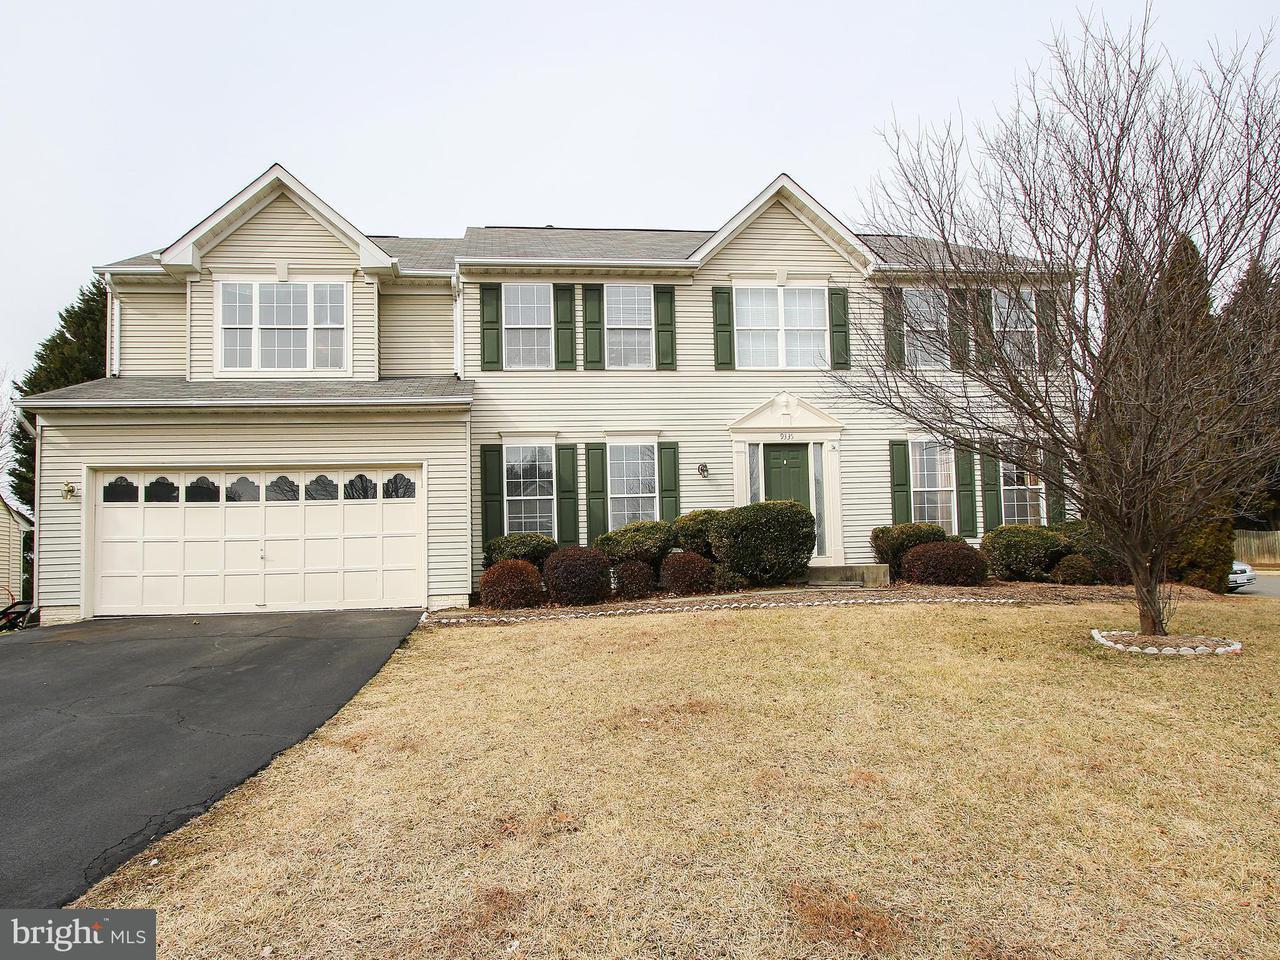 Maison unifamiliale pour l Vente à 9335 Whitt Drive 9335 Whitt Drive Manassas Park, Virginia 20111 États-Unis